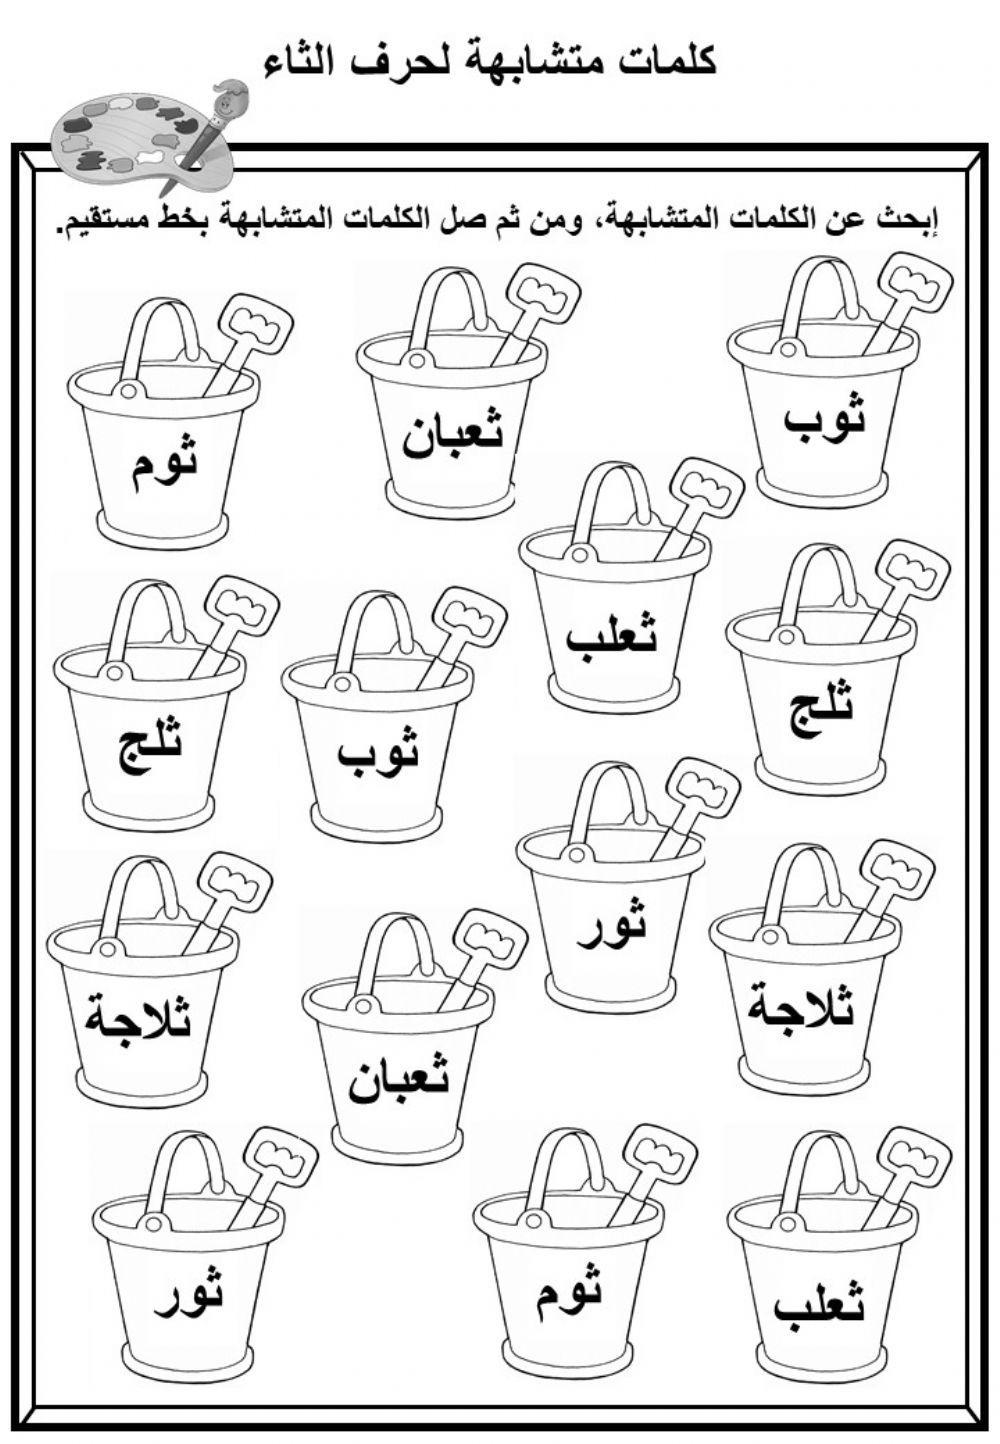 اقوى مذكرة املاء لصفوف ابتدائى فى 15 ورقة وبس شرح كل القواعد والتدريب عليها تضمن لكل الدرجة الكاملة Learning Arabic Education Center Education